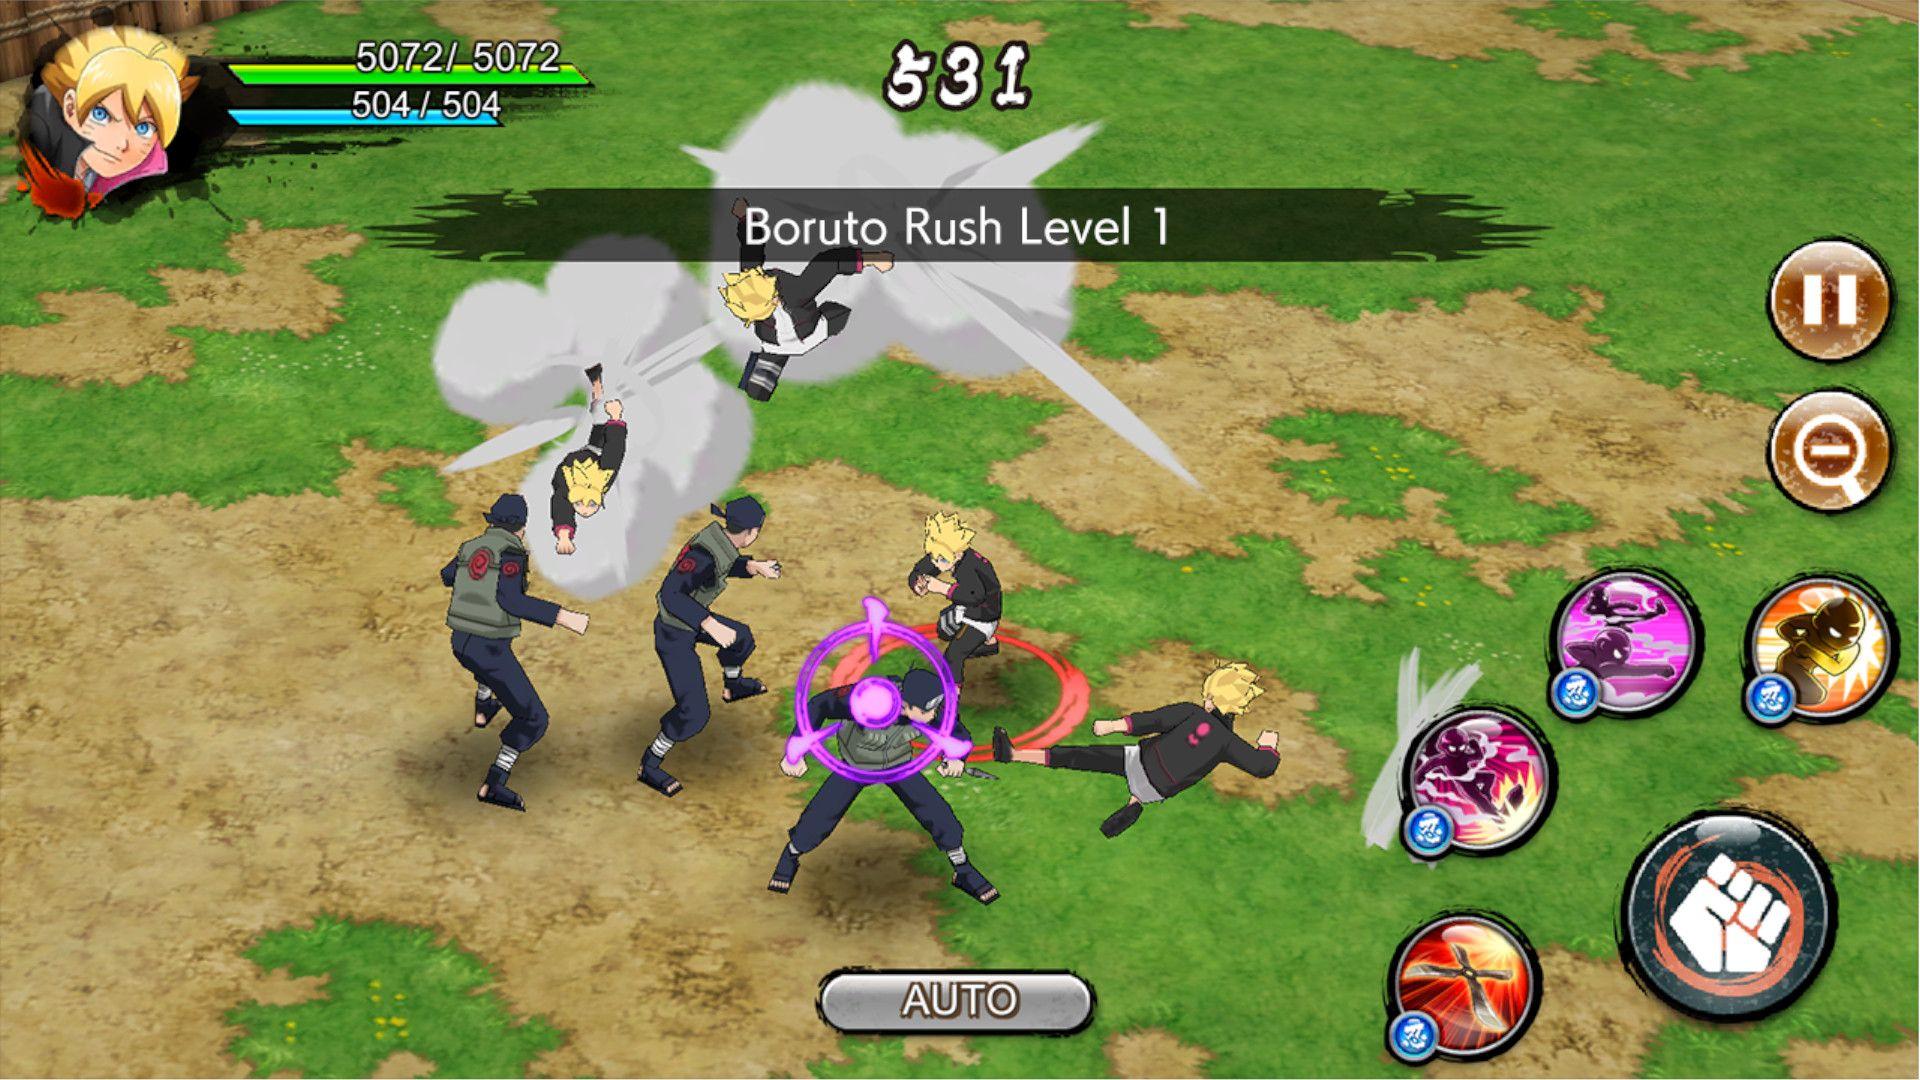 Naruto x Boruto: Ninja Voltage é para quem quer baixar jogo do Naruto direto no celular para se divertir online (Foto: Divulgação/Bandai Namco)